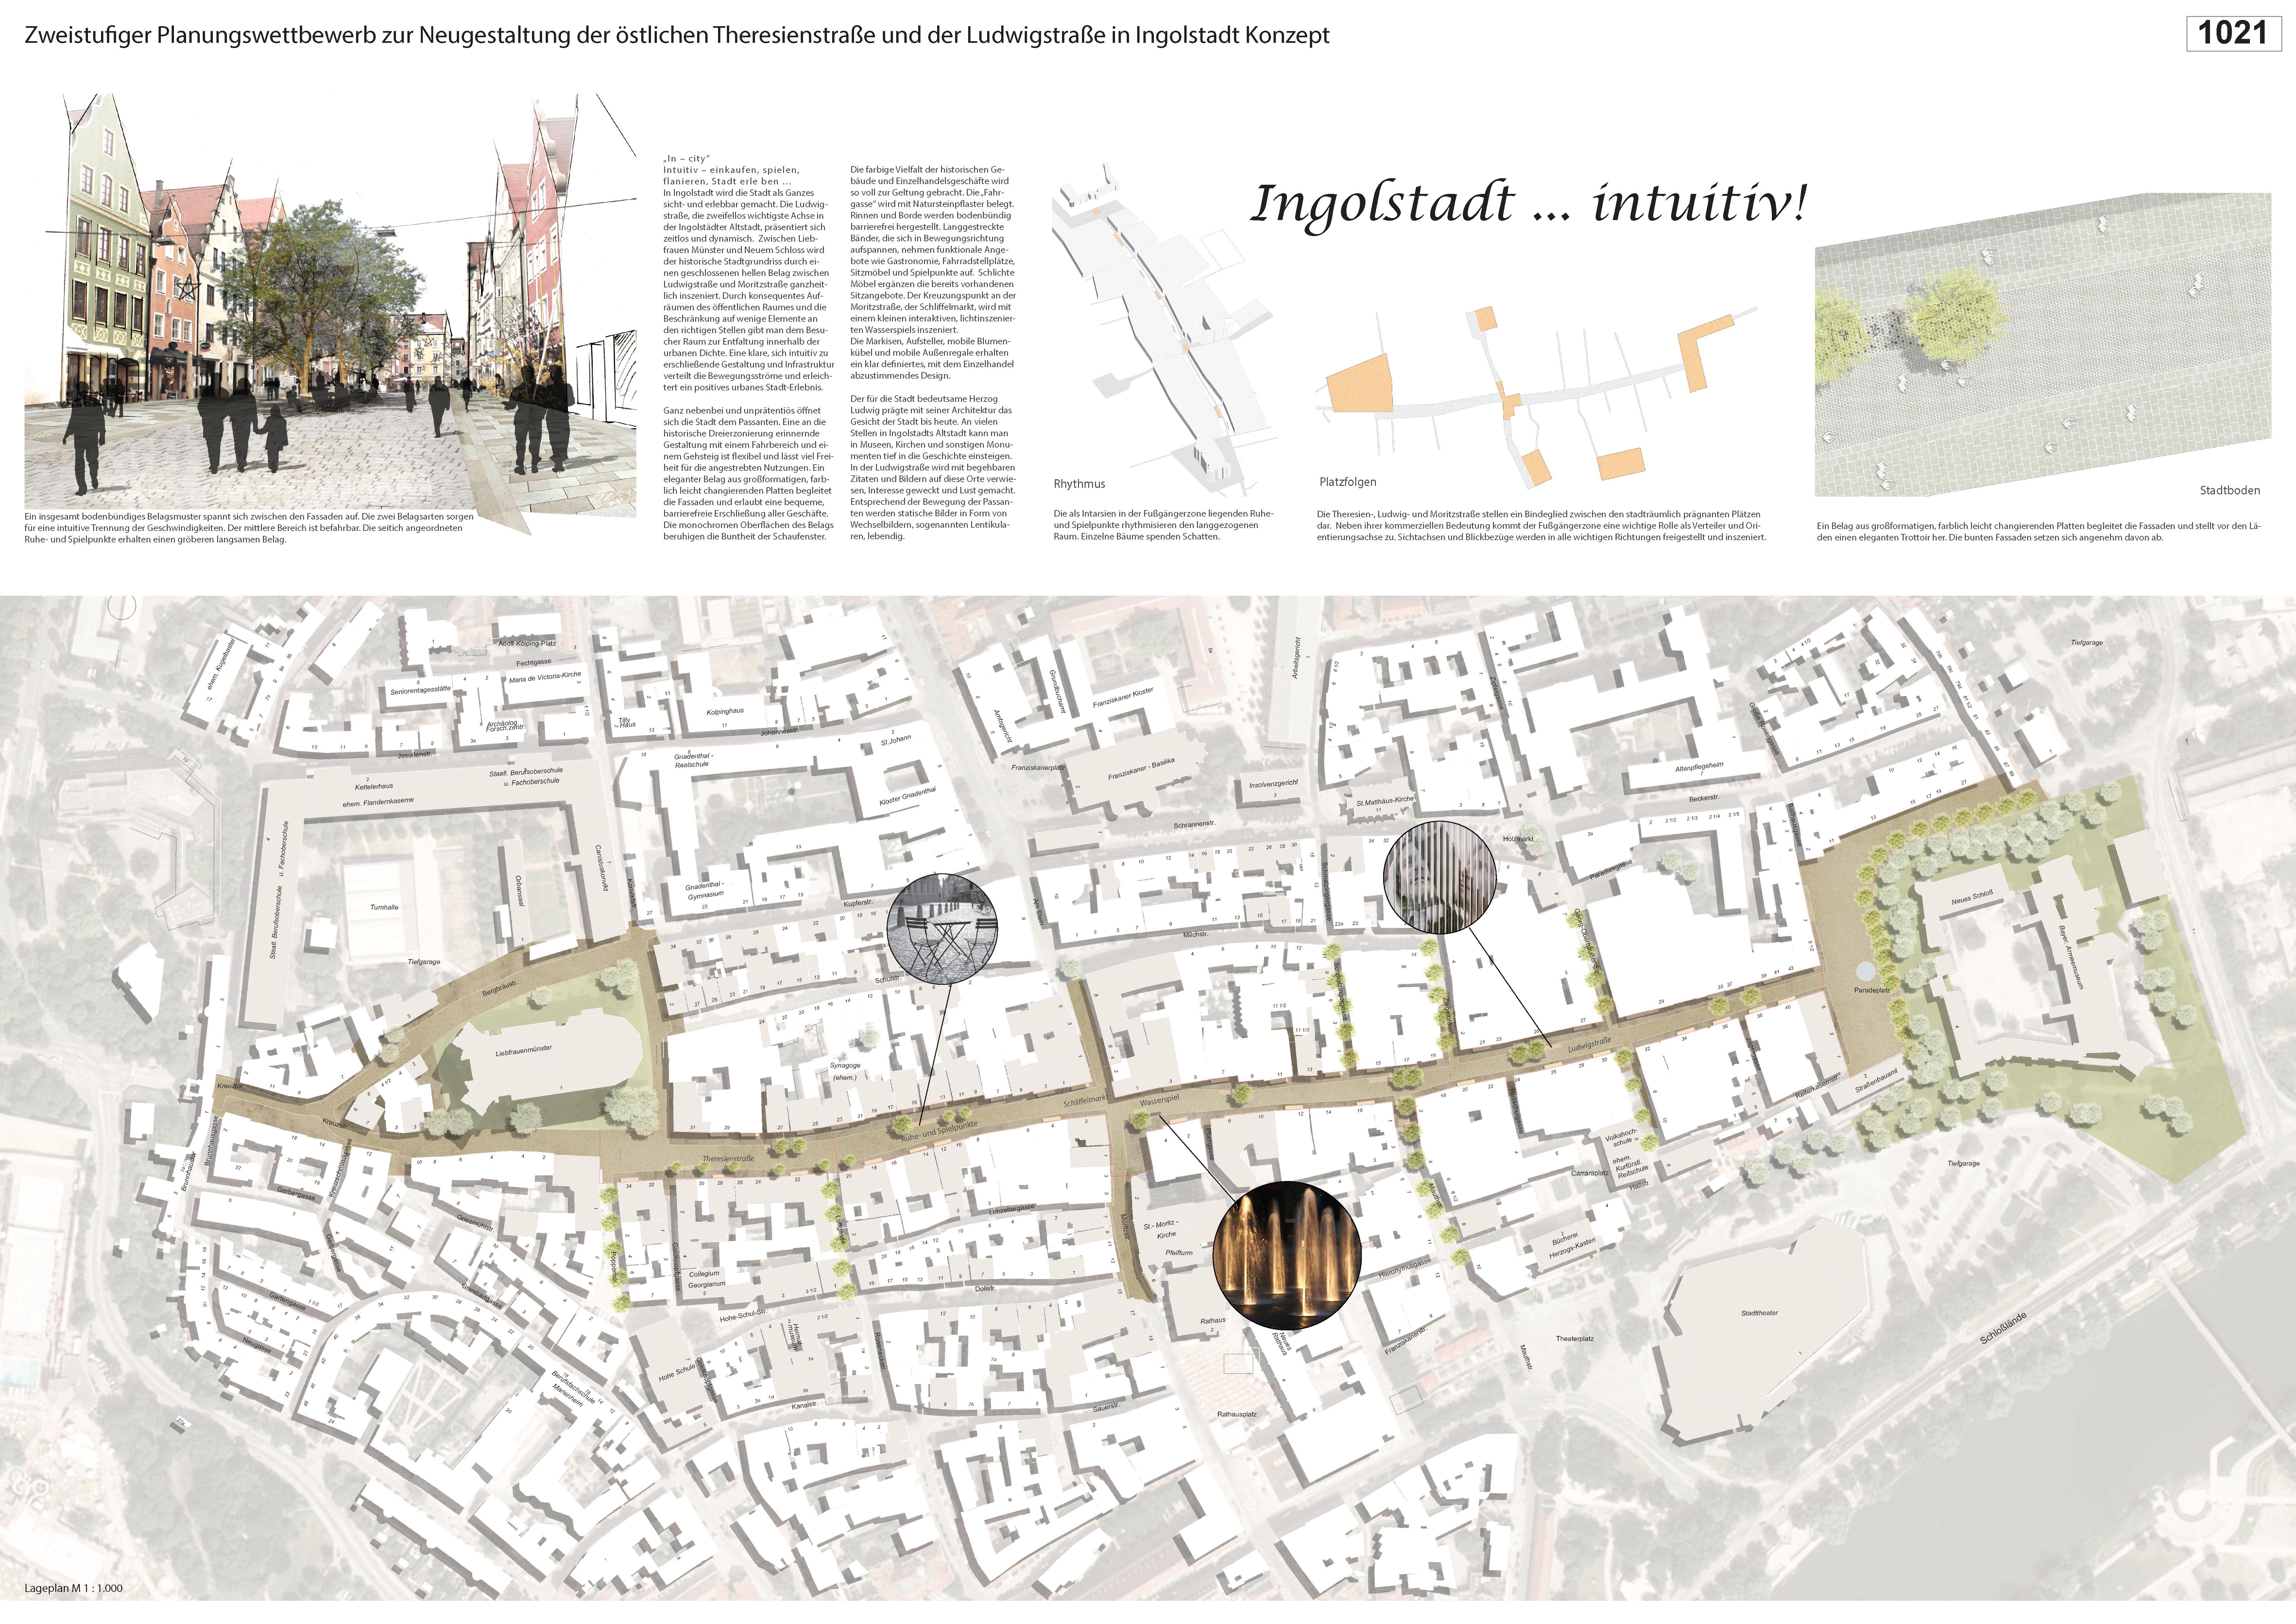 Preisgruppe 1. Stufe Planungswettbewerb Neugestaltung Fußgängerzone Arbeit 7 (1021)